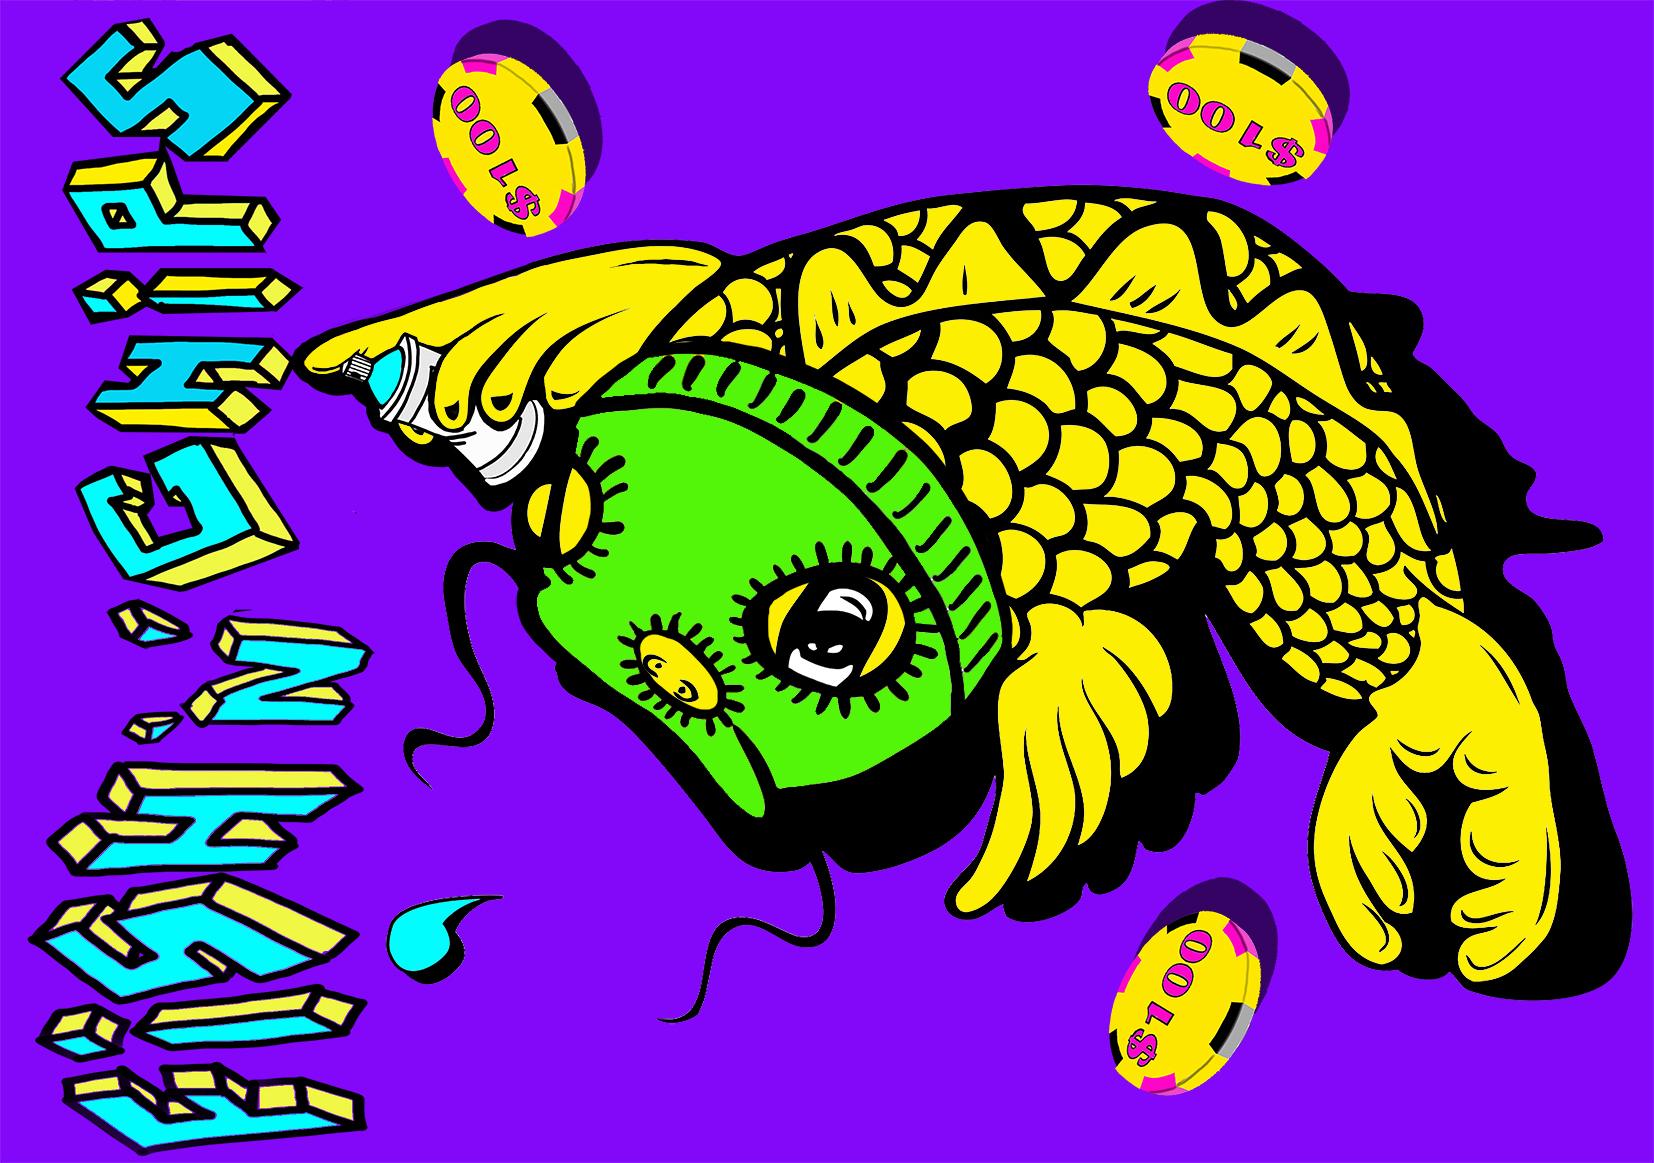 Fish 'n' Chips Exhibition Key Visual.jpg